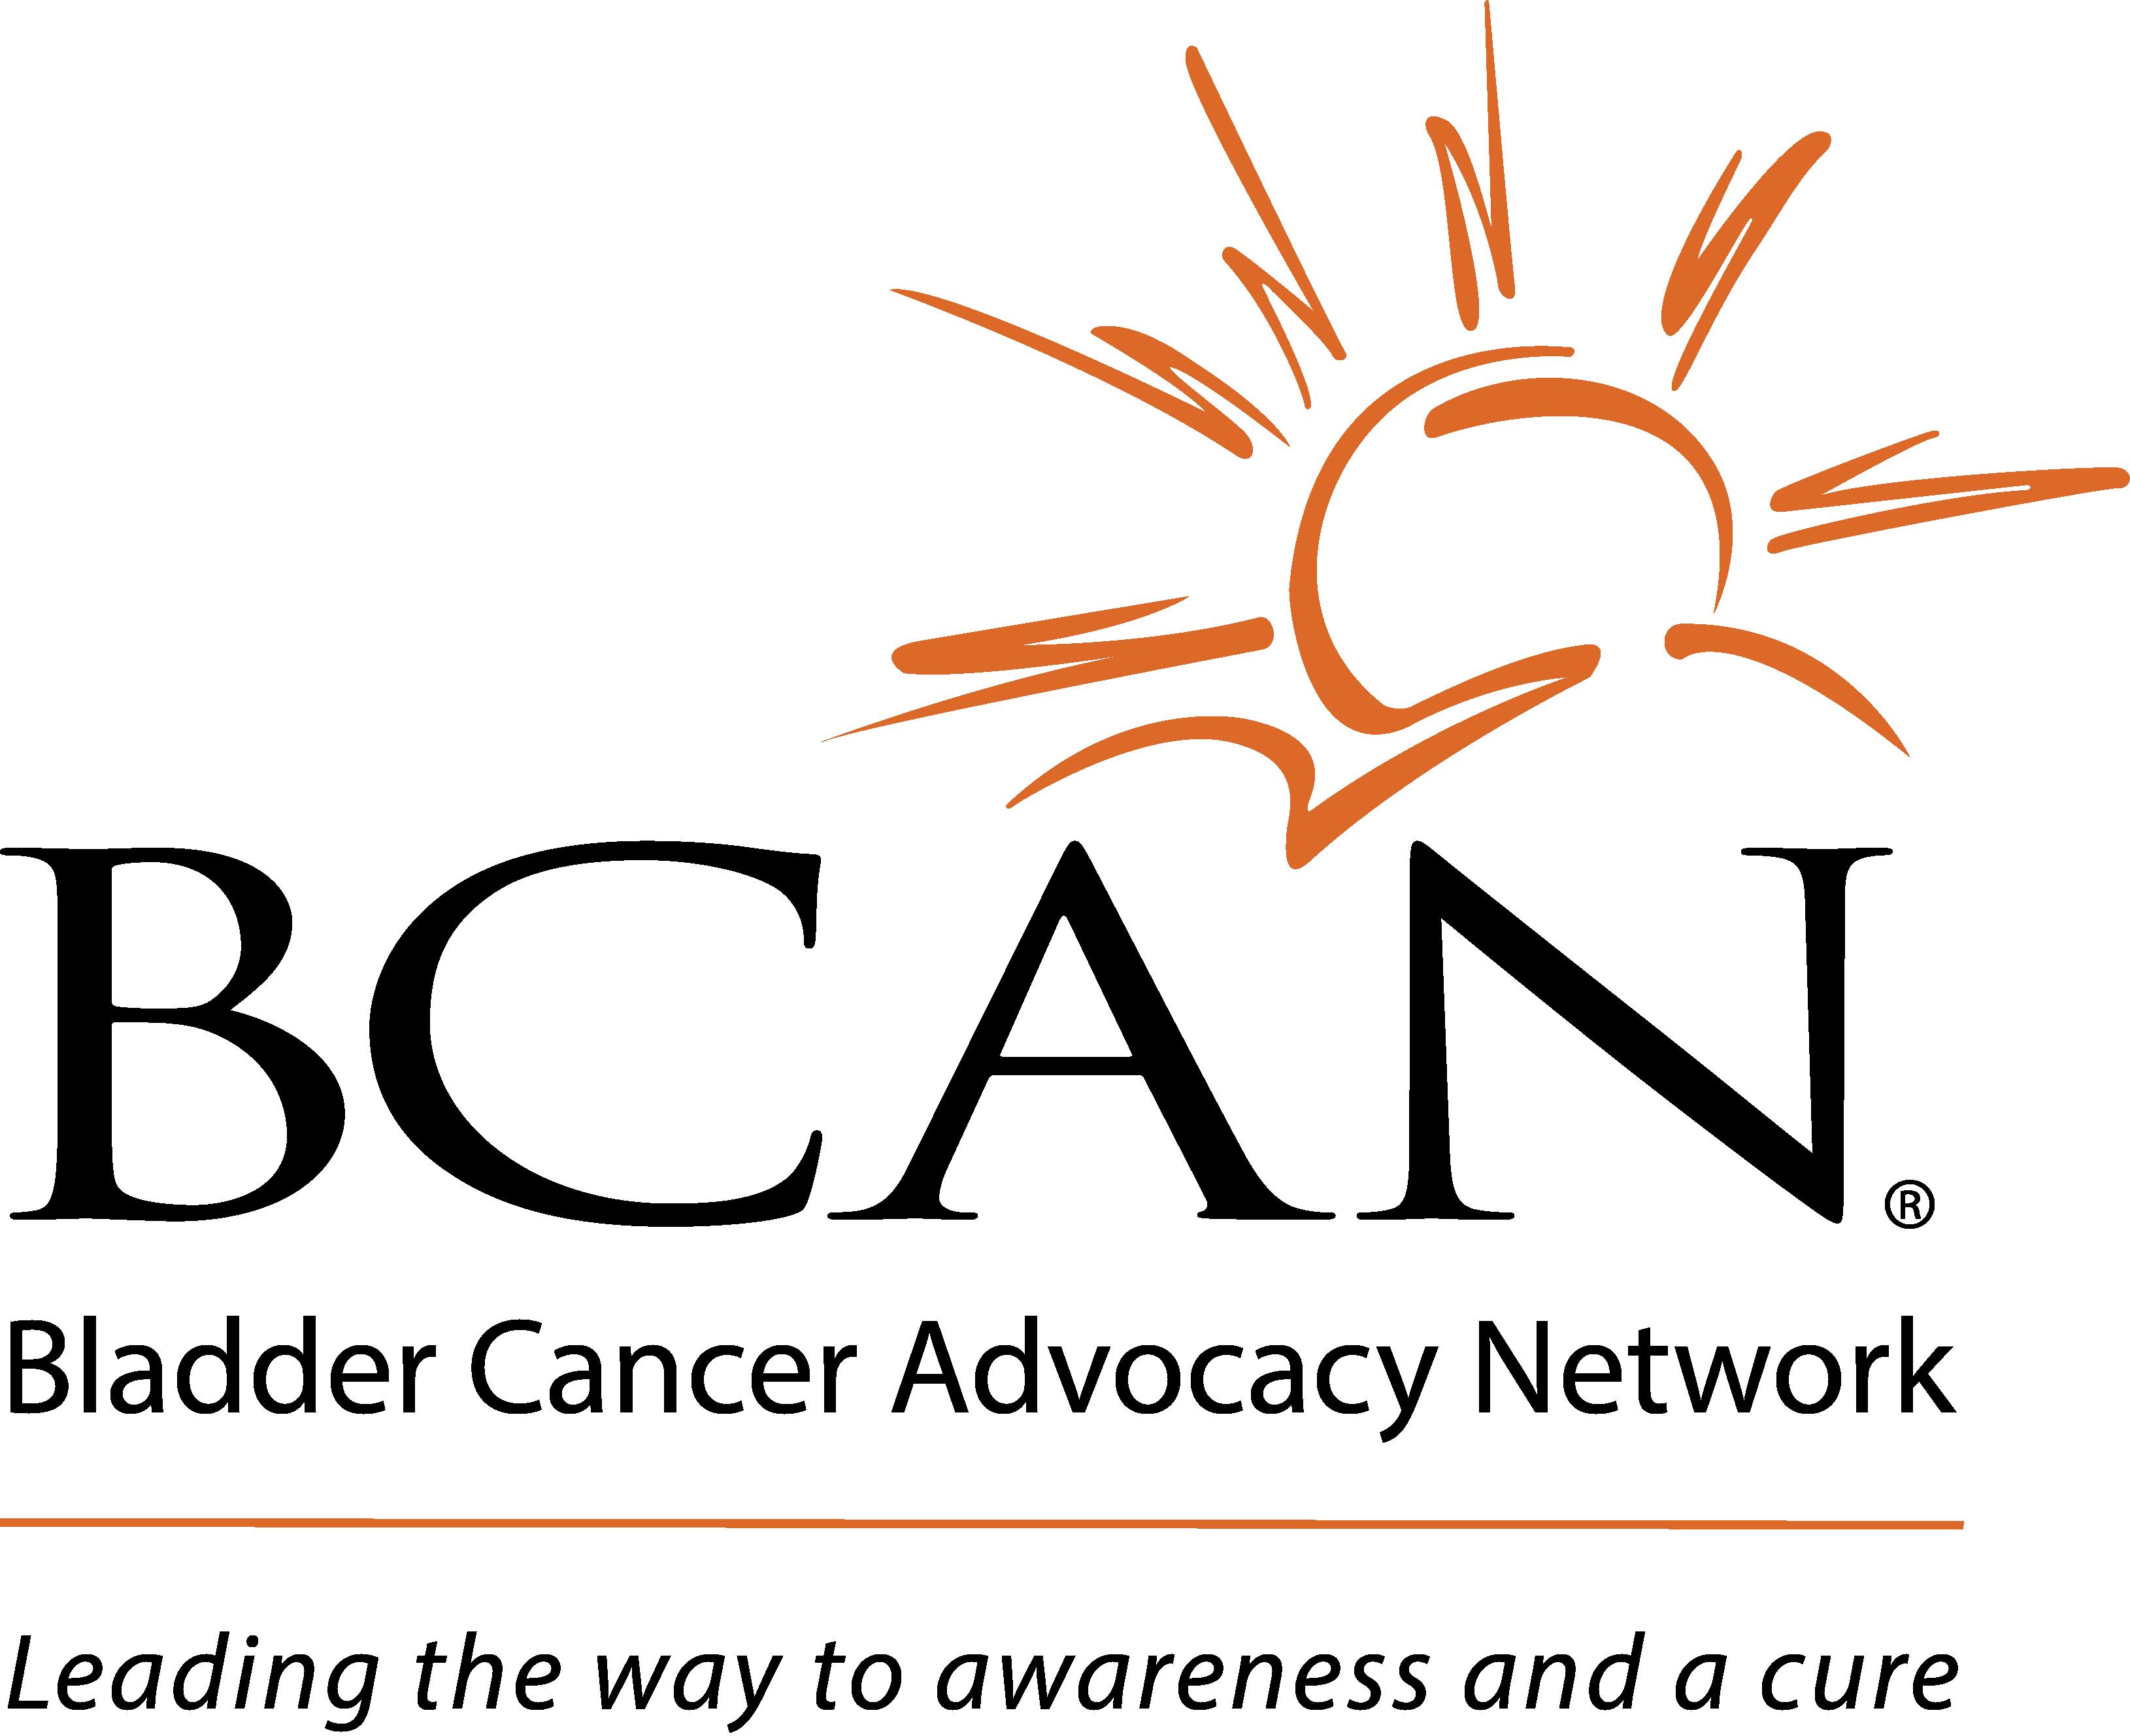 Bladder Cancer Advocacy Network